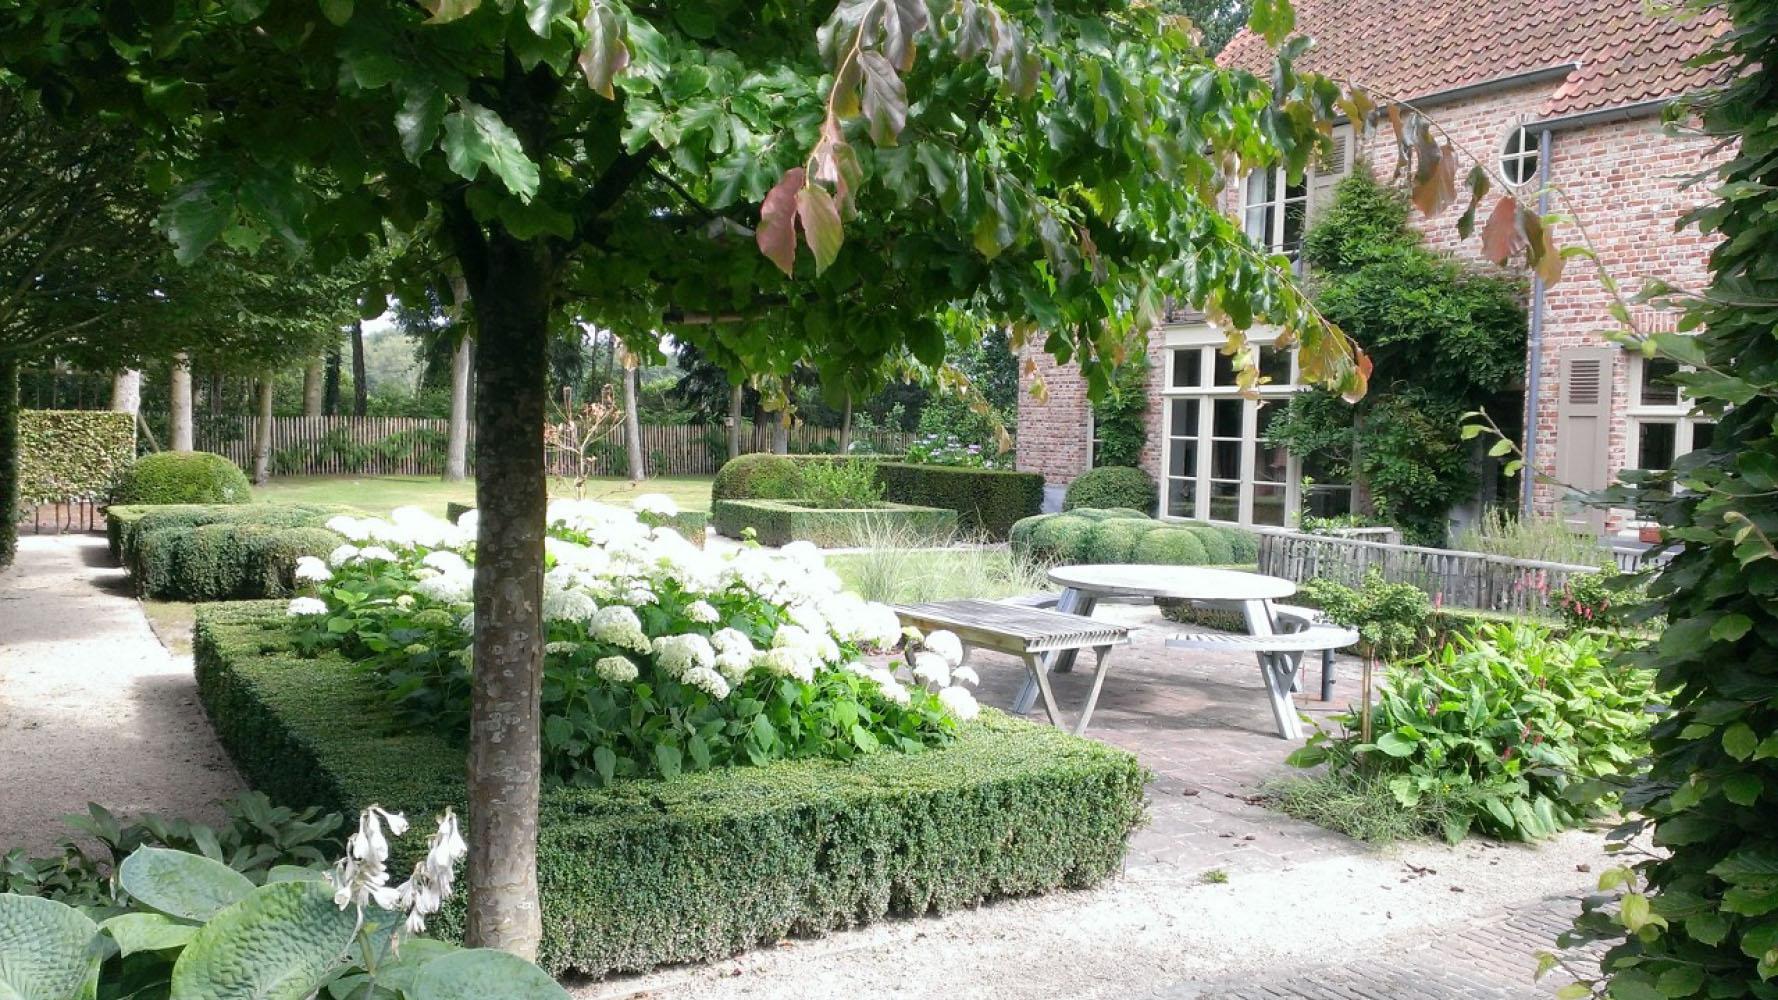 Aanleg landelijke tuinen voorbeelden landelijke tuinen for Tuinen aanleggen foto s